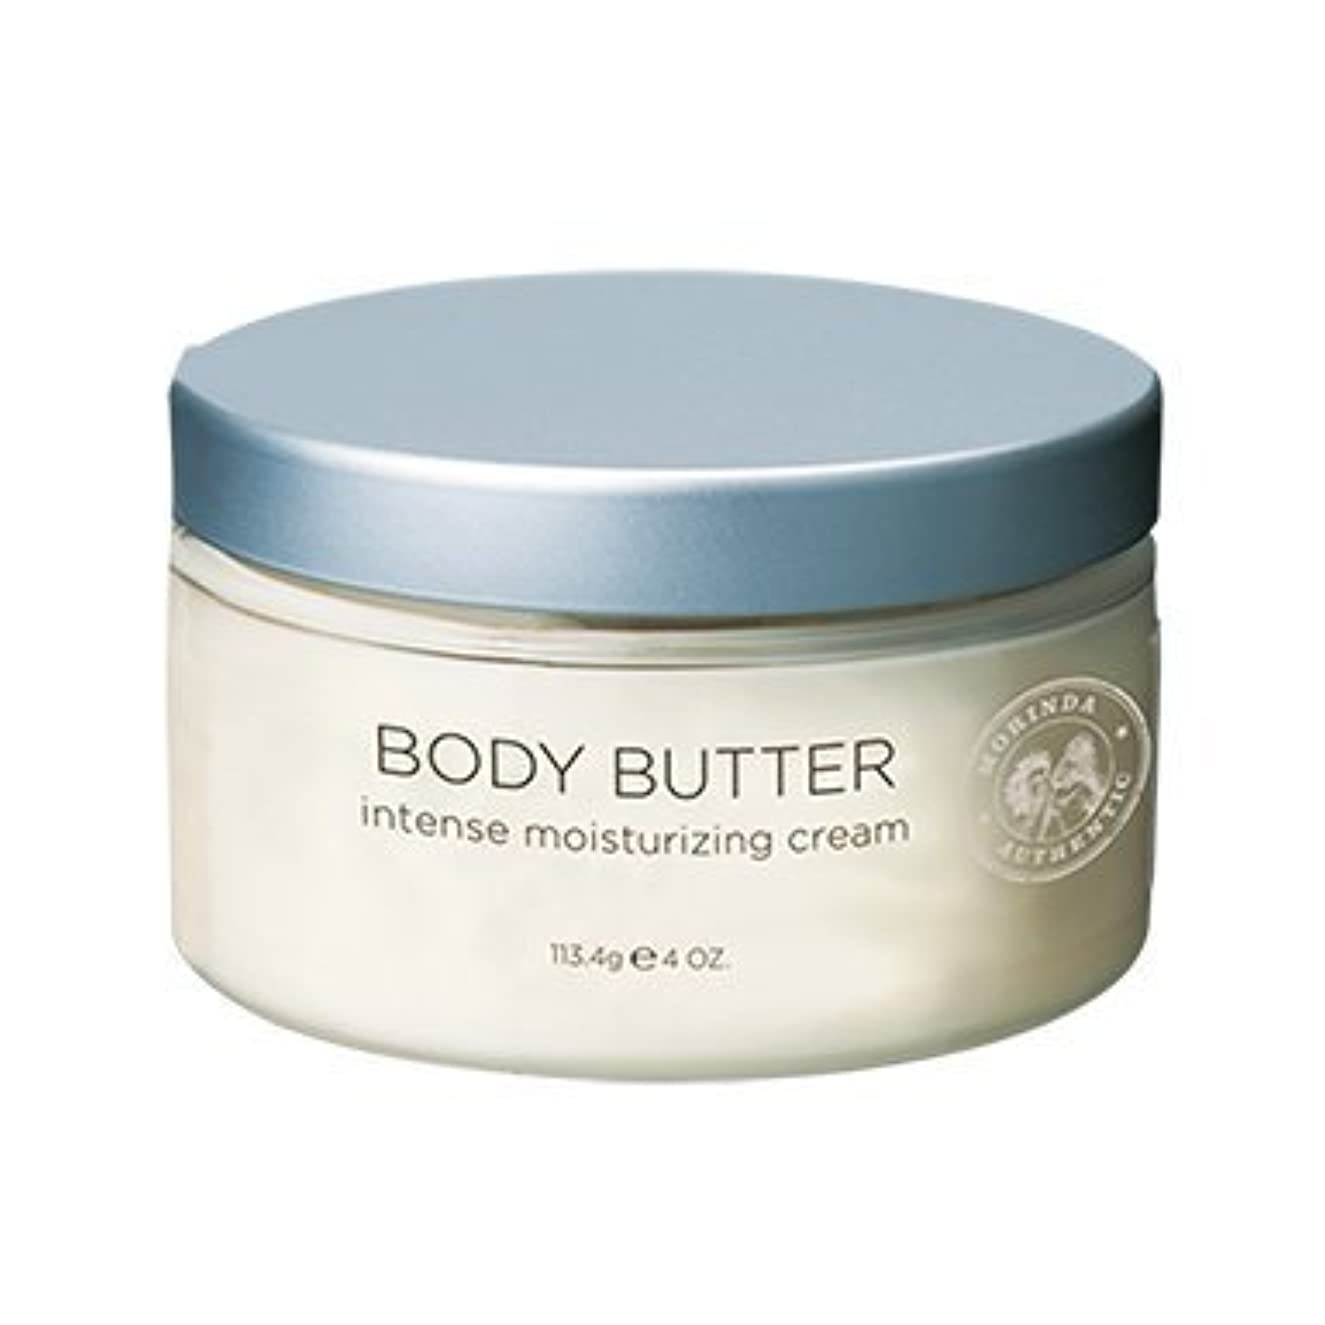 所得スキーム聞くモリンダ MORINDA ボディー バター ボディ用 クリーム タヒチアンノニ Body Butter Cream